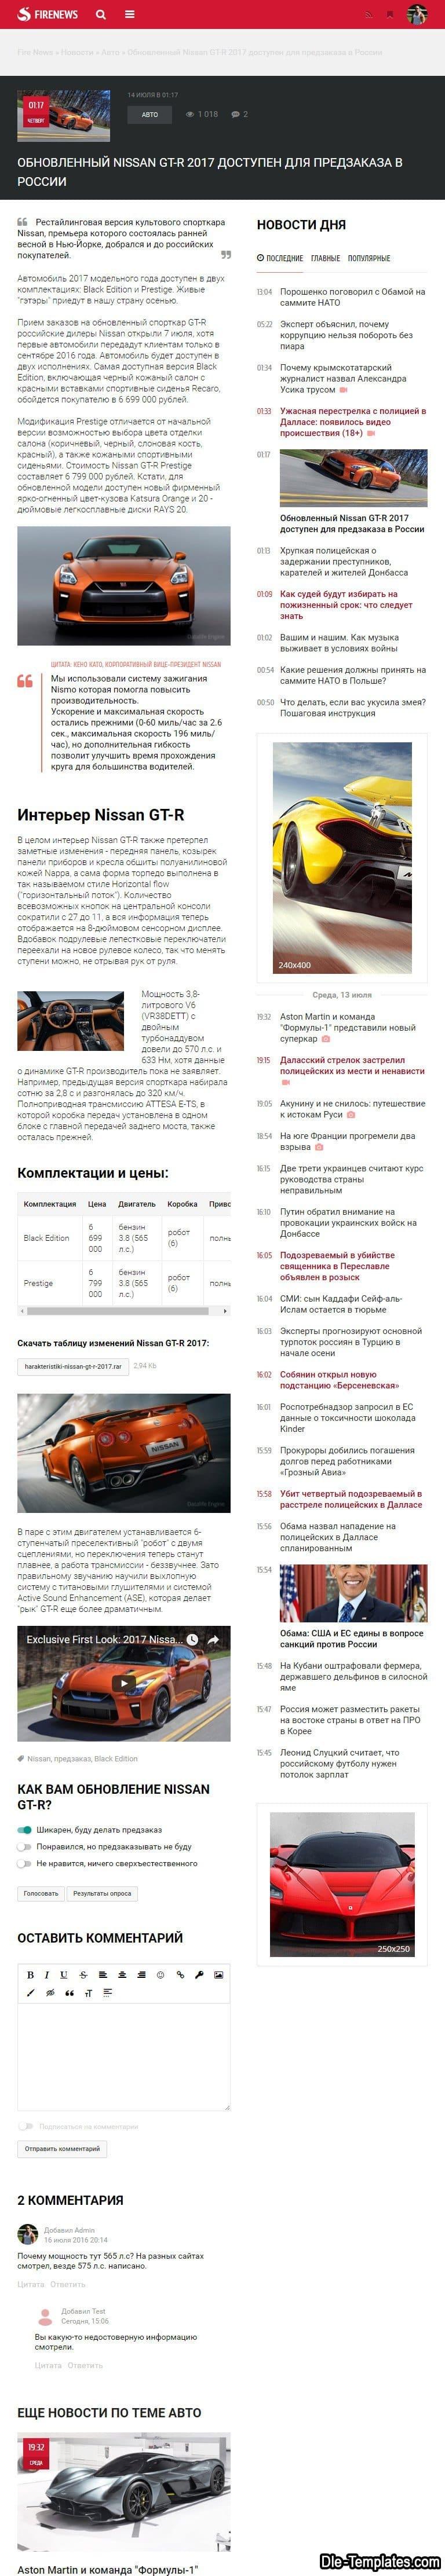 Последние новости сокола вологодской области